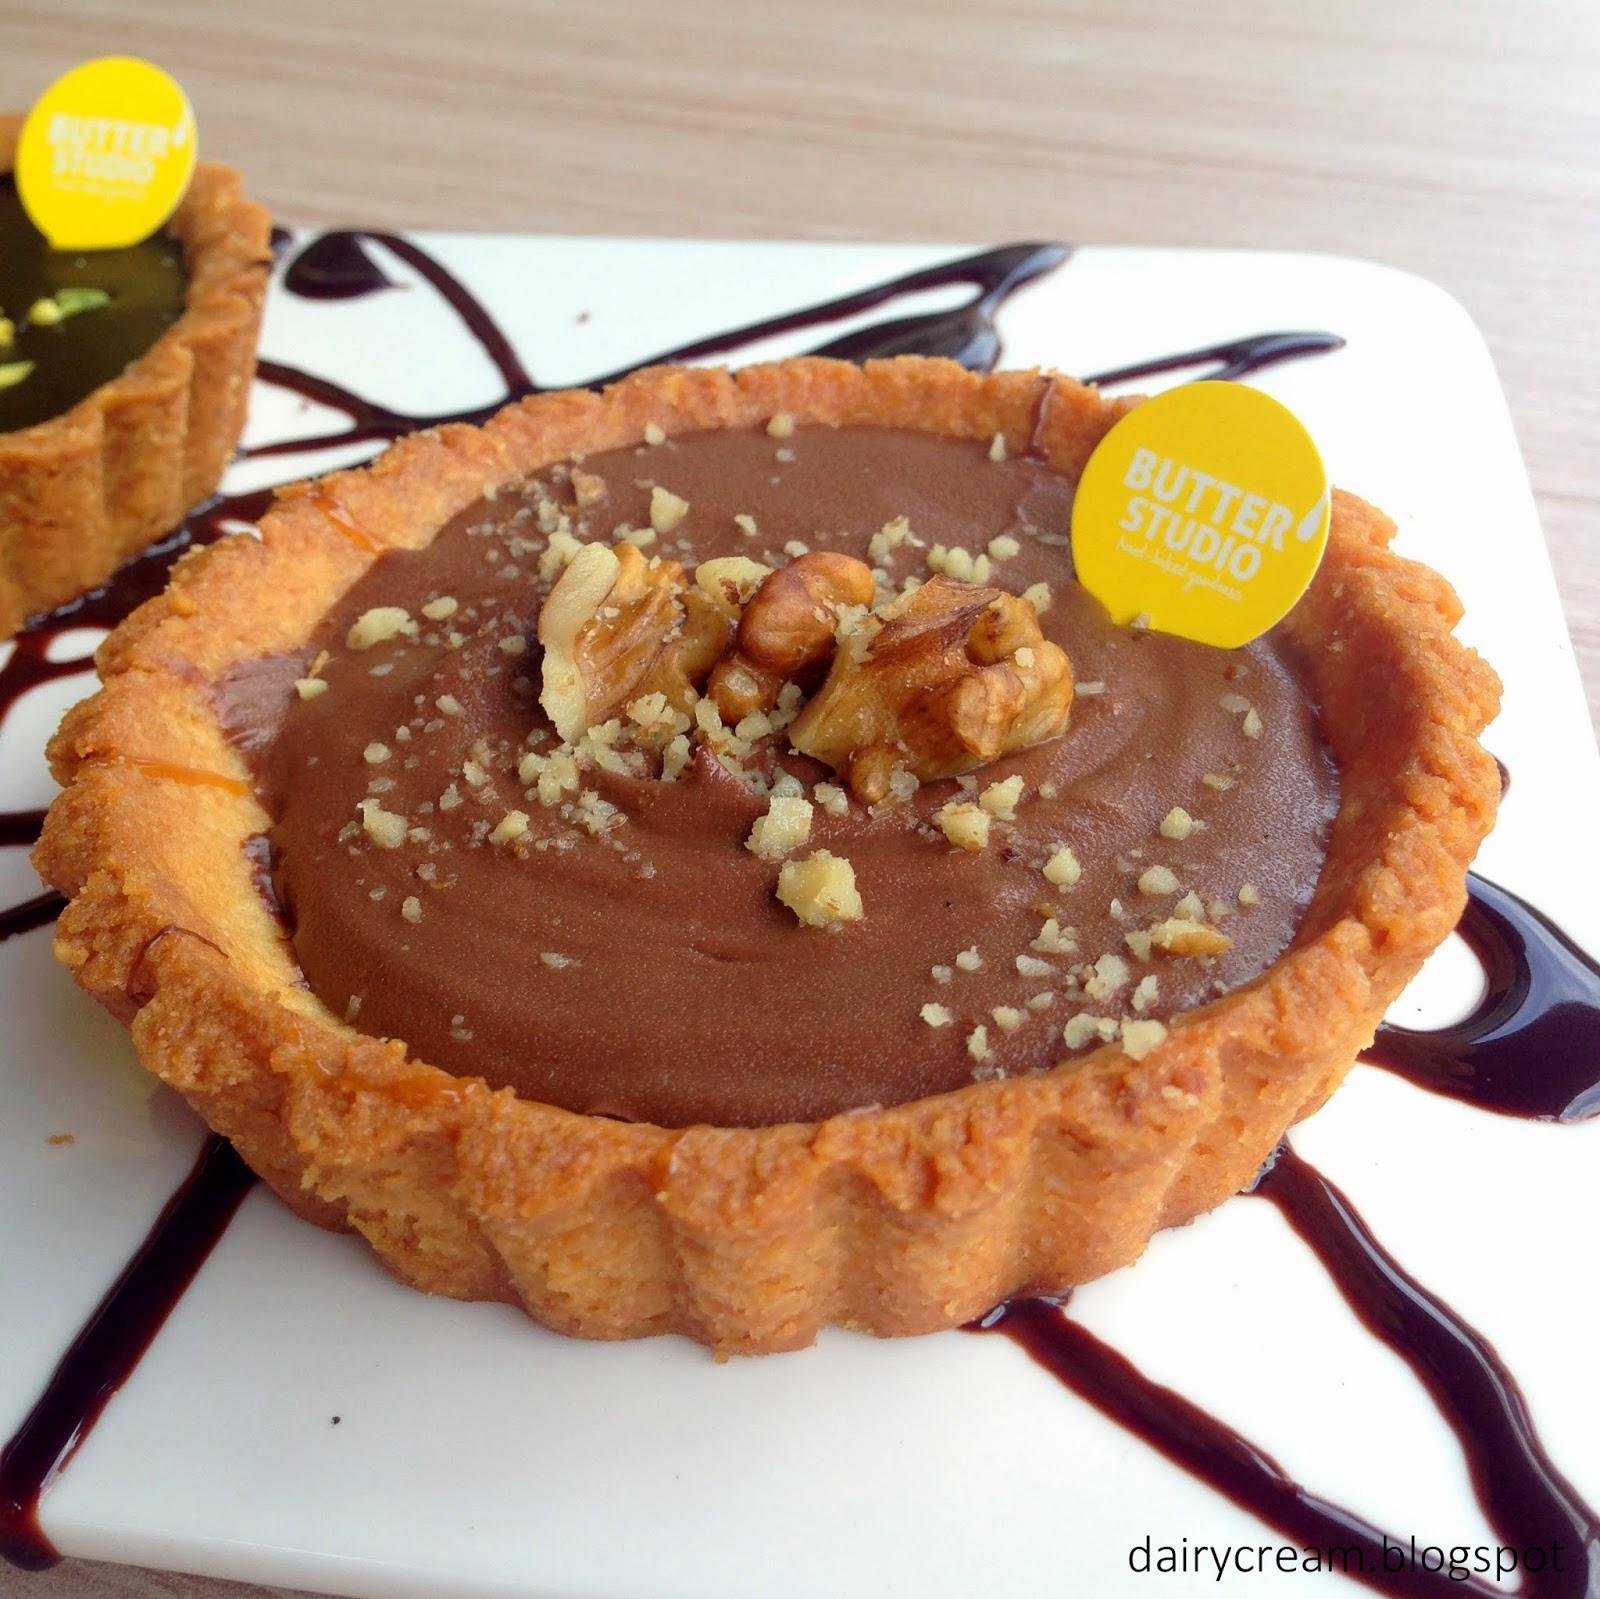 Halal Cake Cafe Singapore